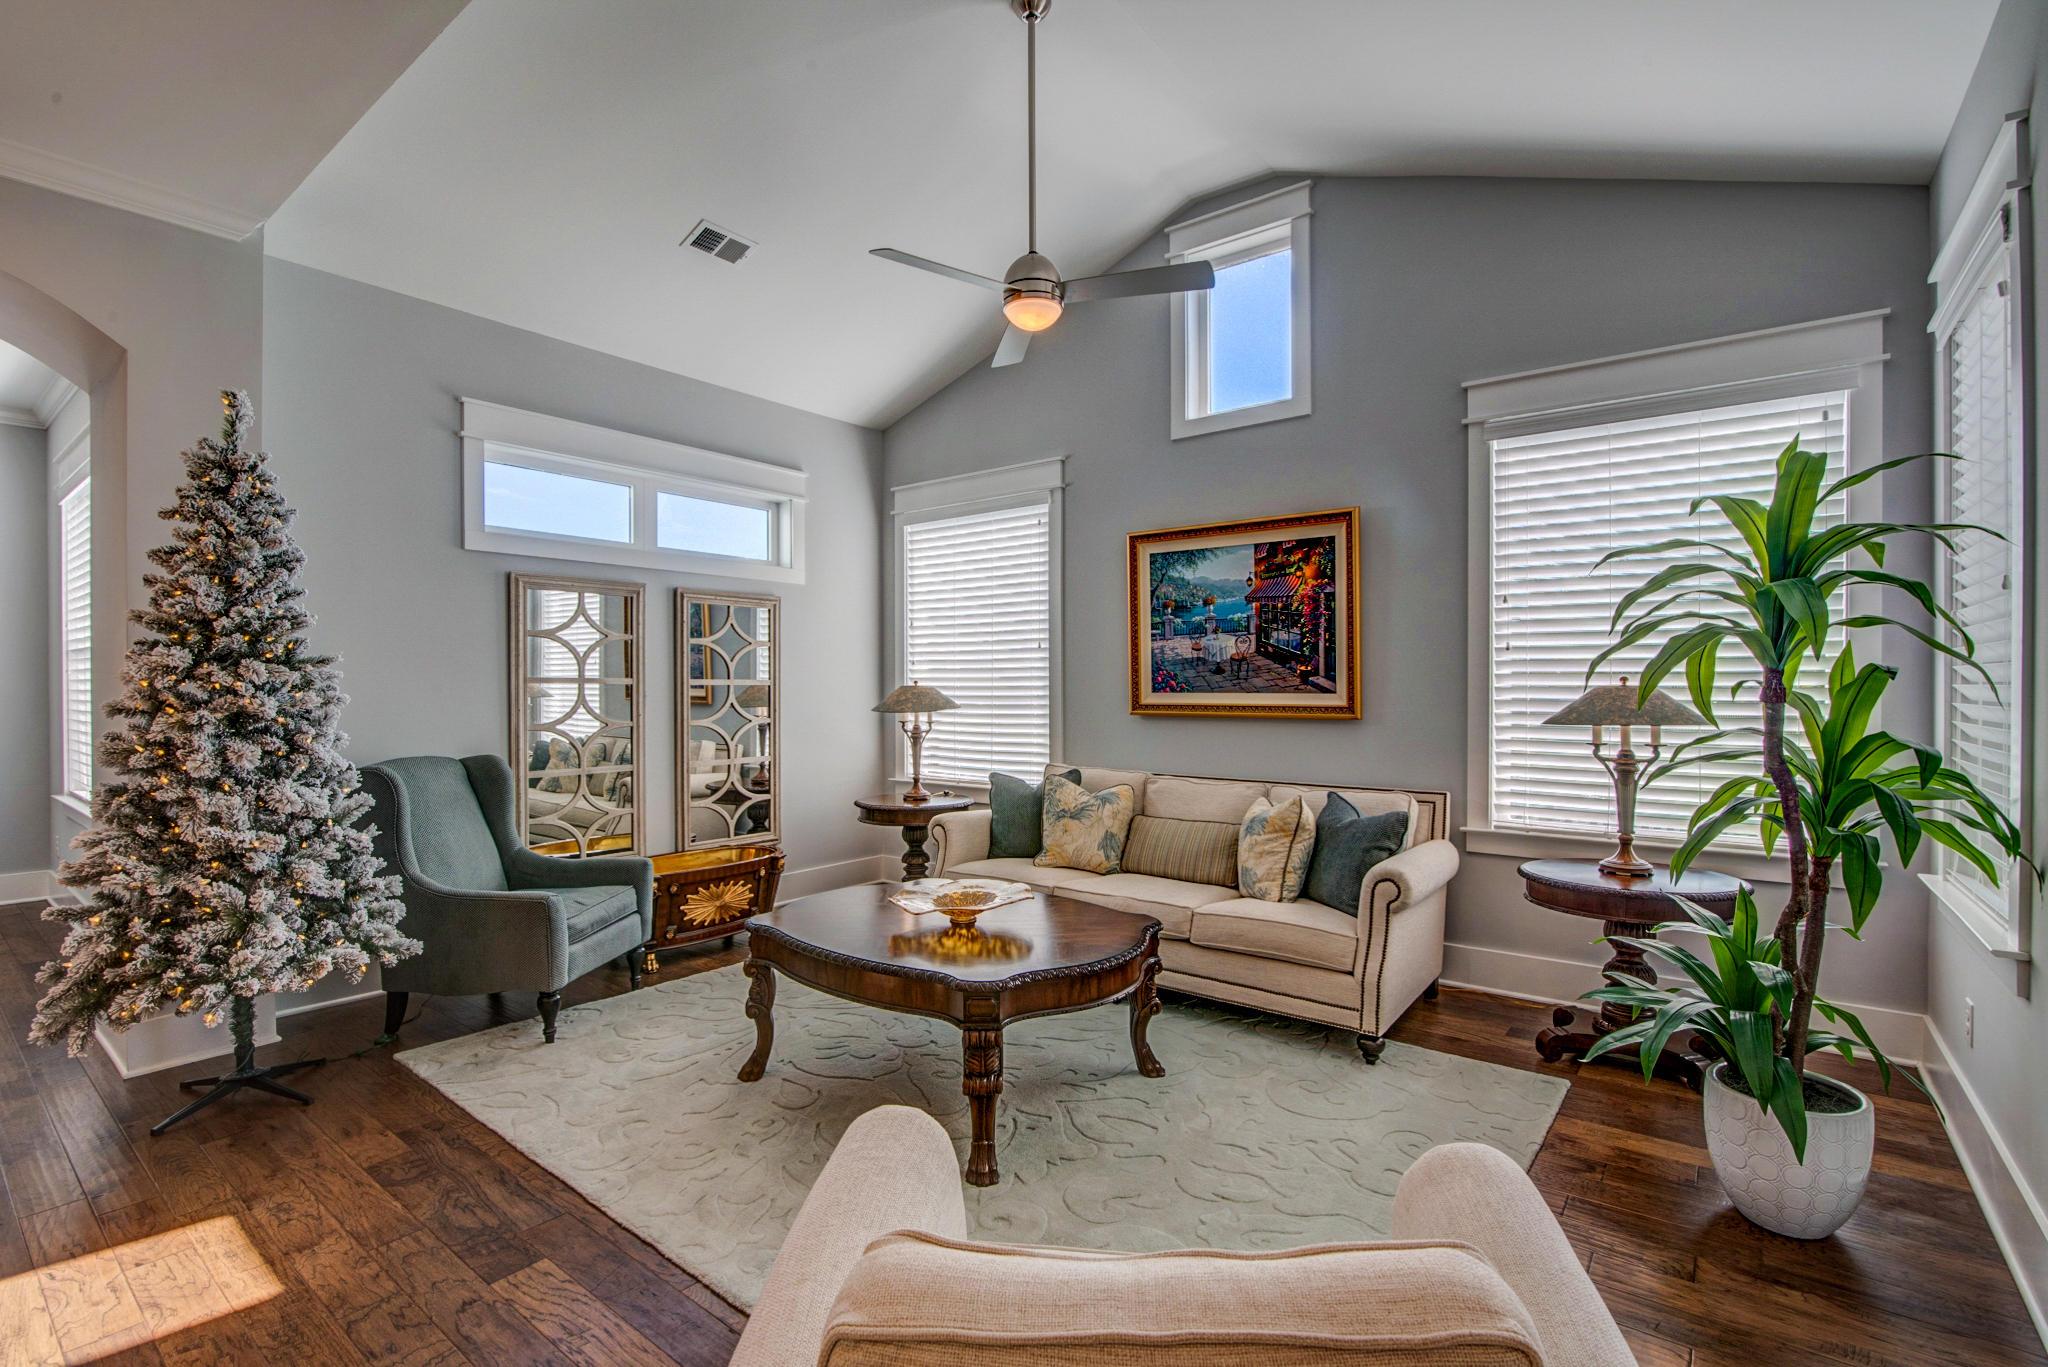 Dunes West Homes For Sale - 2883 River Vista, Mount Pleasant, SC - 54